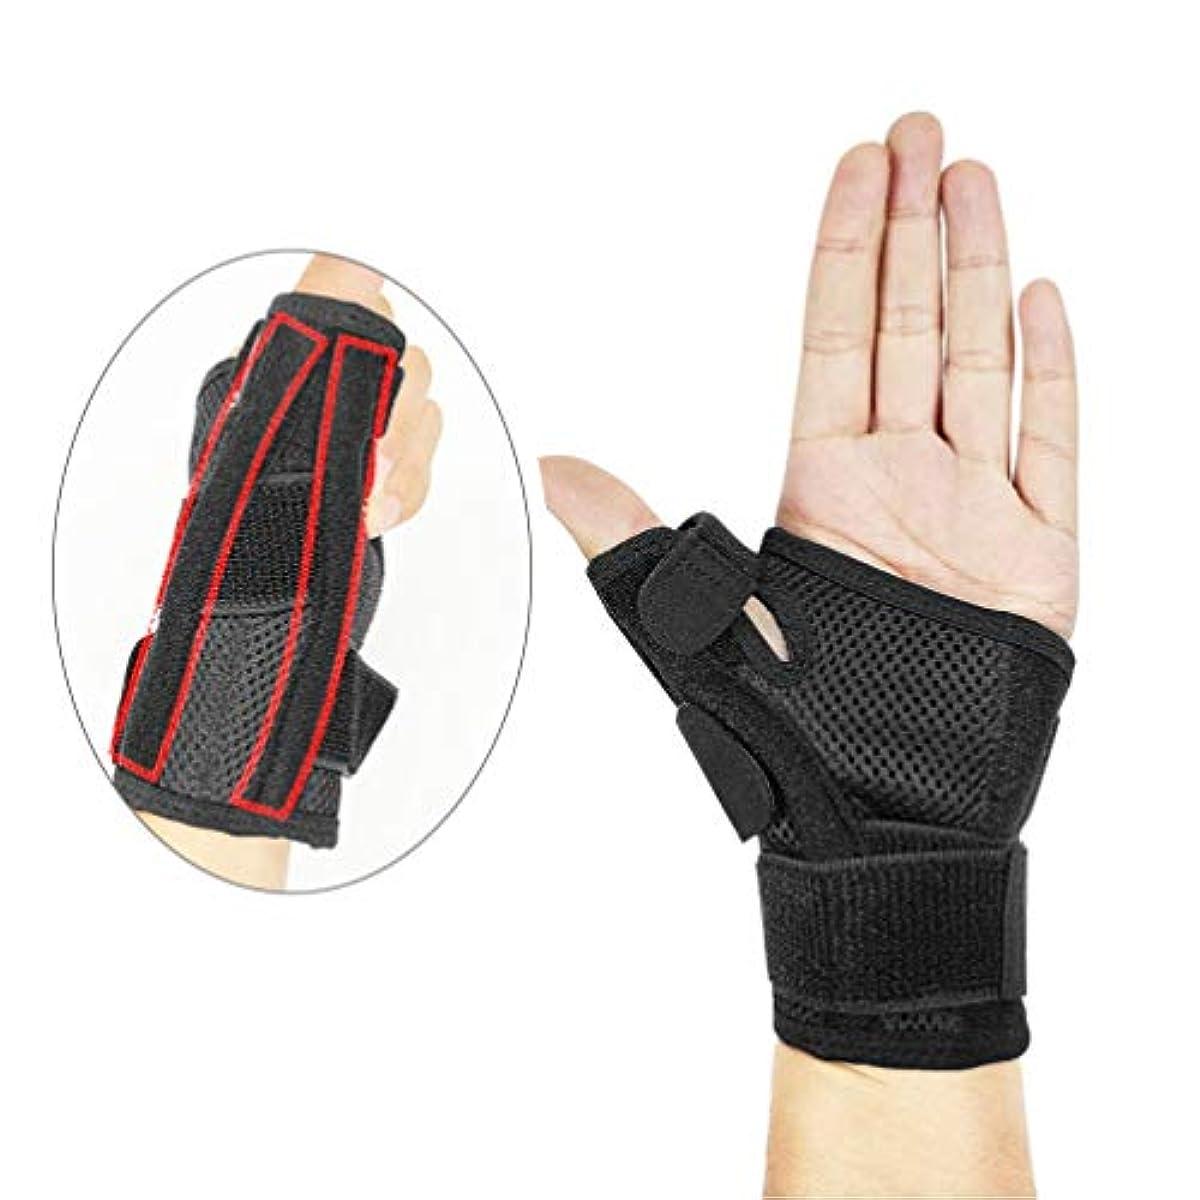 アンペア受信起訴するHeallily 手首の圧縮手首のトンネルの苦痛救助、関節炎、腱炎のための1つの手首の圧縮の袖の調節可能な手首の支柱の保護装置